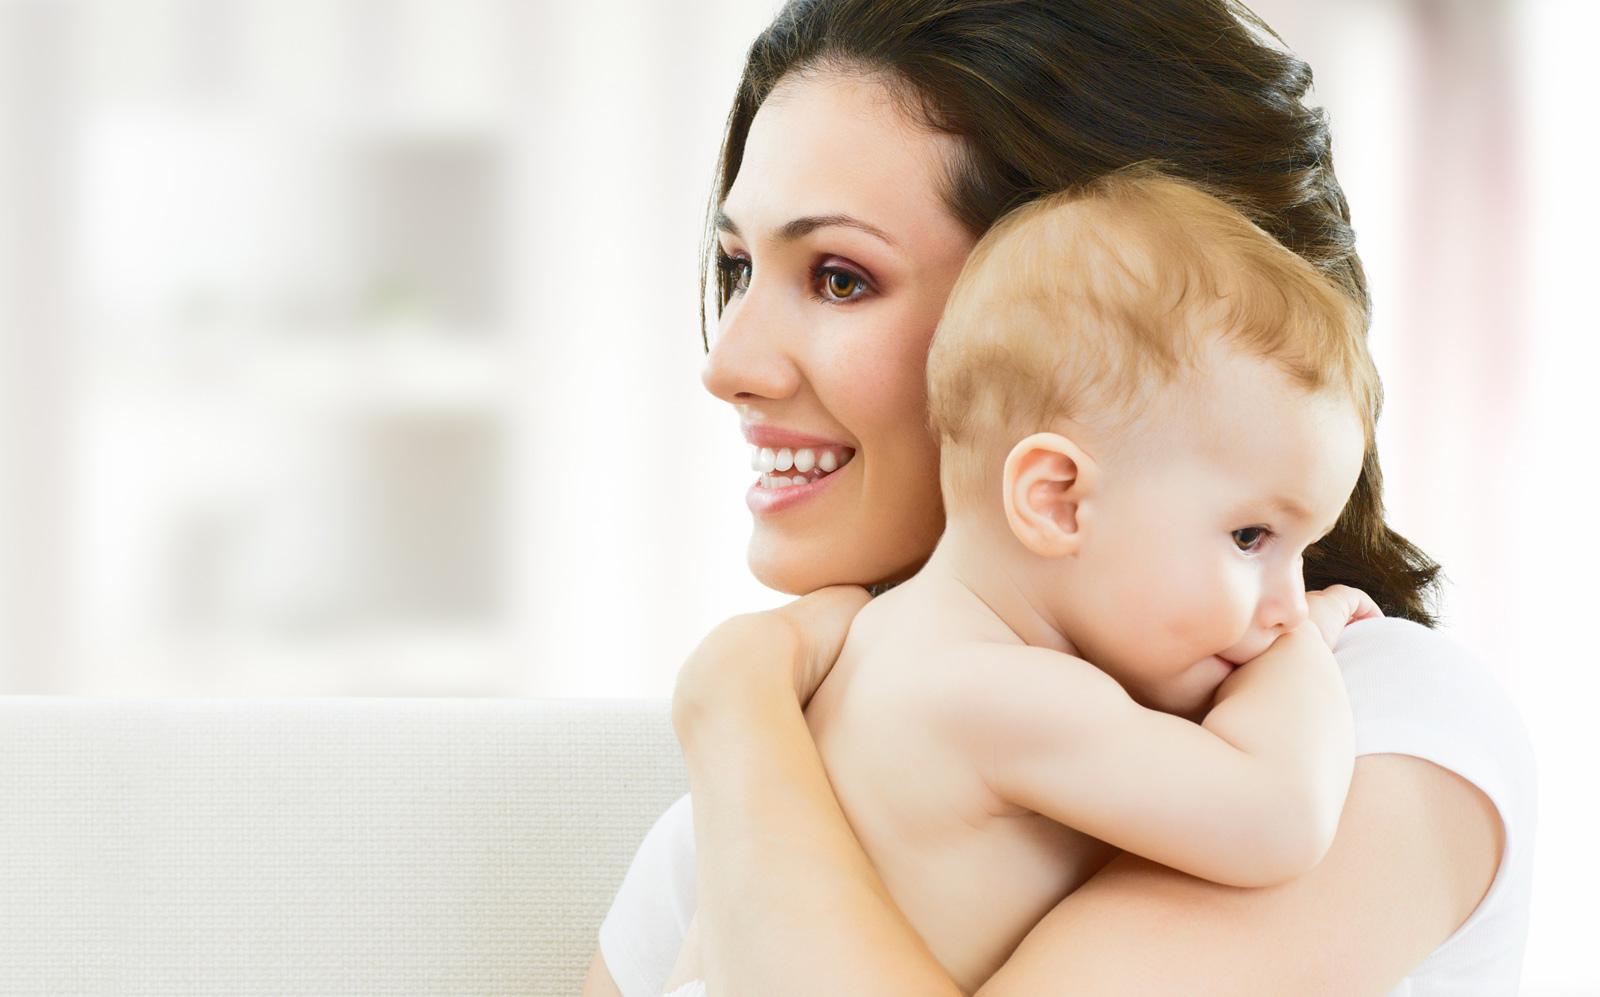 بالصور صور اطفال مع امهم c78f9c8411628e28c8000453619ca89a